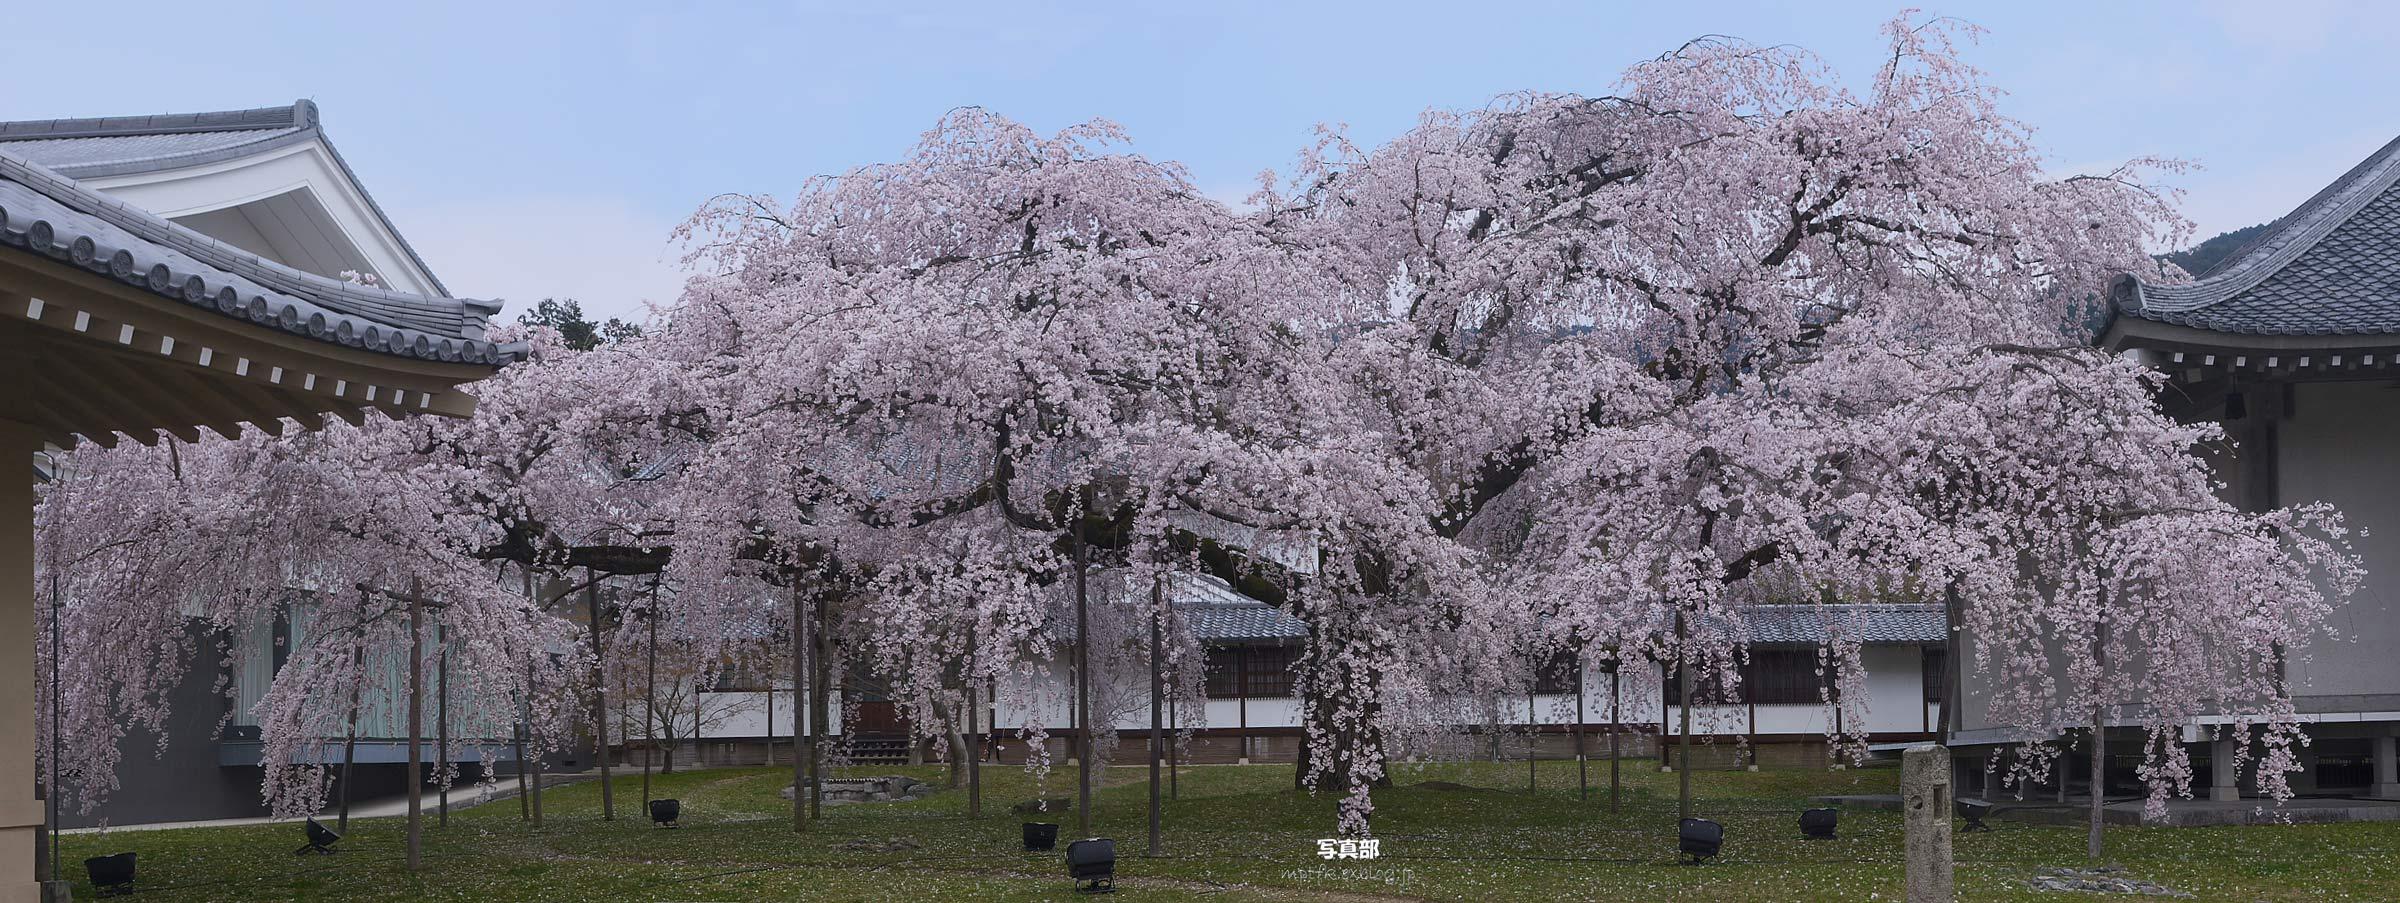 京都 醍醐寺・霊宝館の枝垂れ桜 _f0021869_21155789.jpg